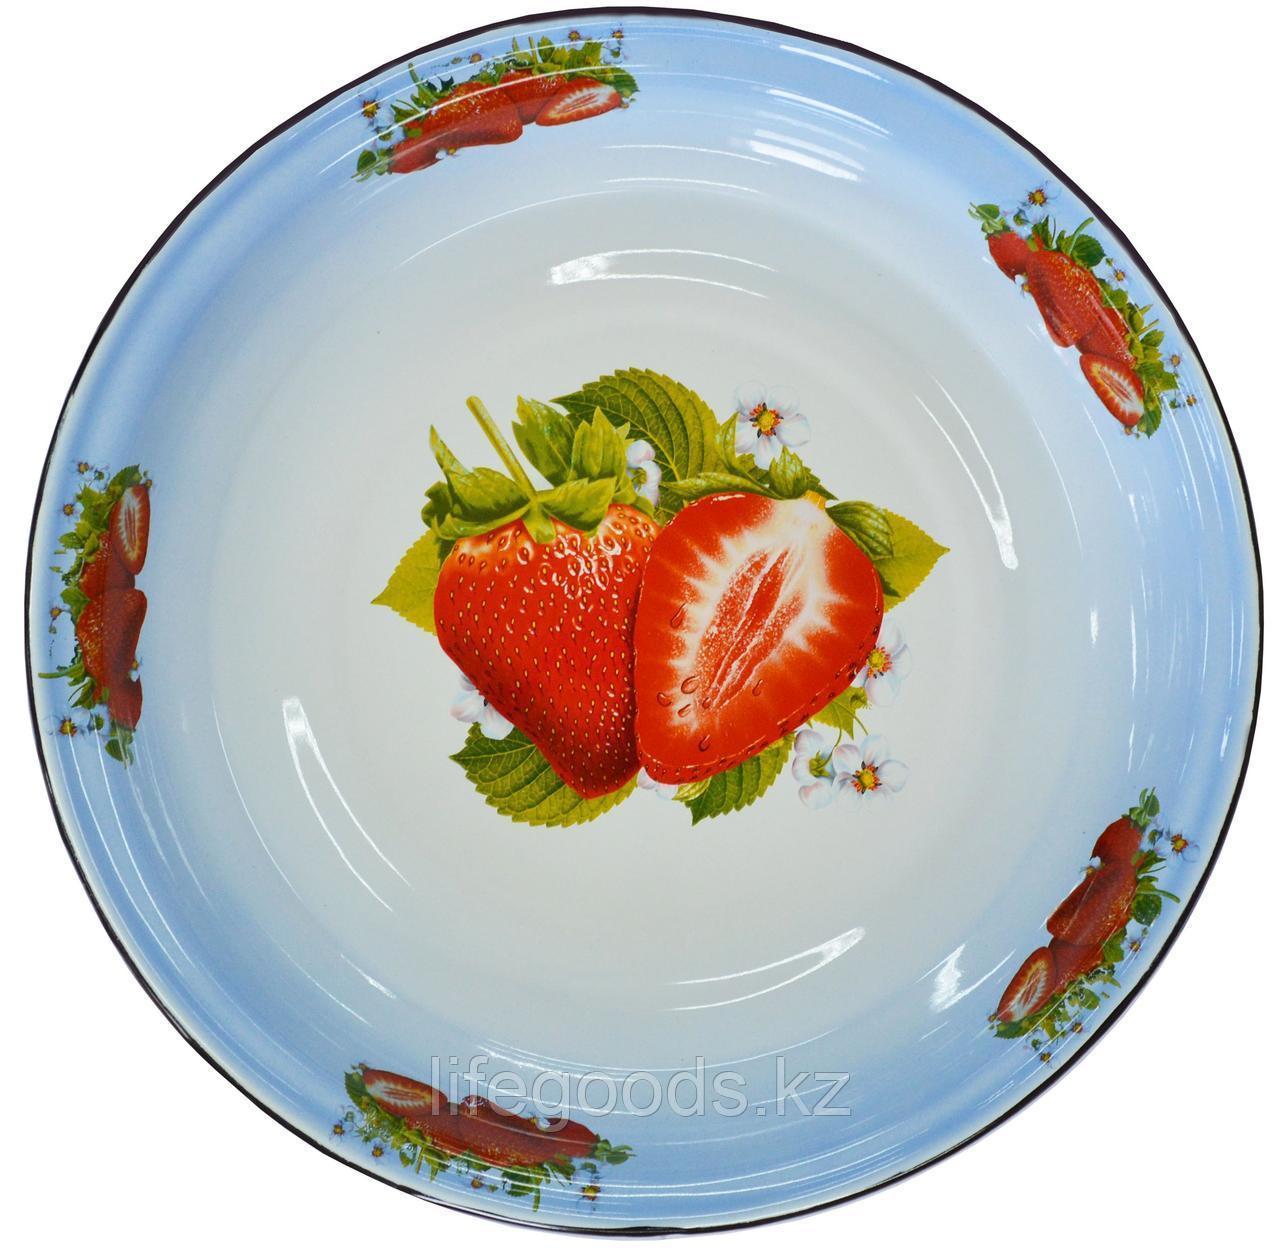 Блюдо 4,5л, белосн. с подп., Клубника садовая, 1с11я/БД